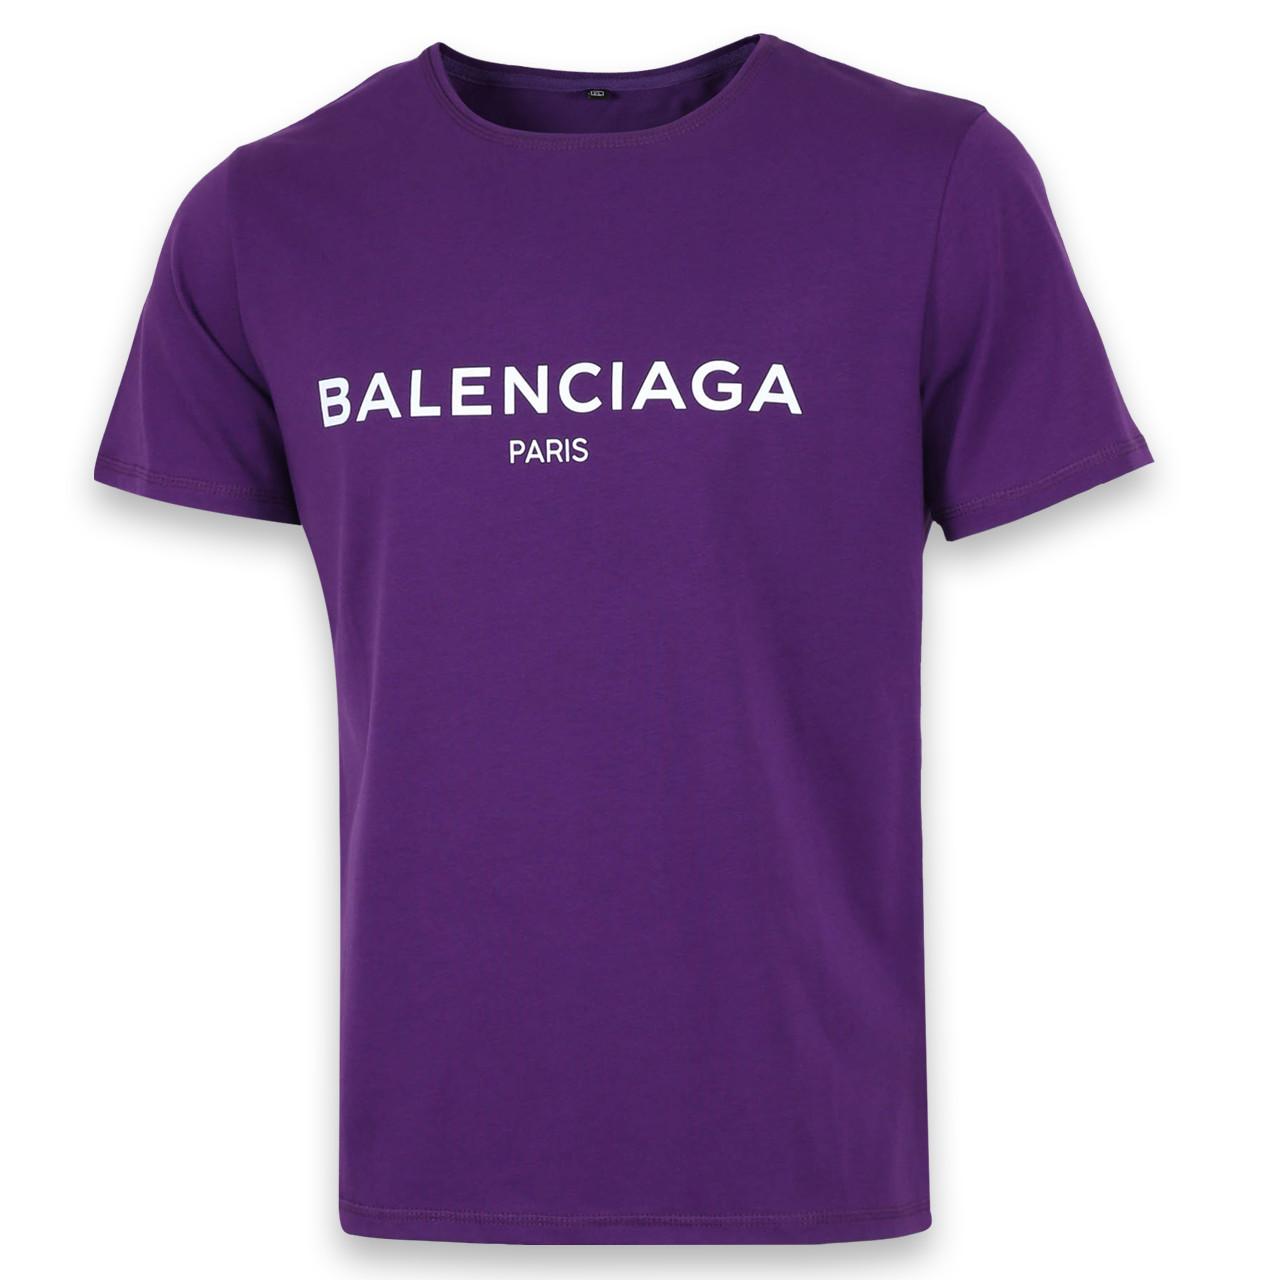 Футболка мужская фиолетовая с принтом BALENCIAGA Ф-10 PUR L(Р) 19-646-020